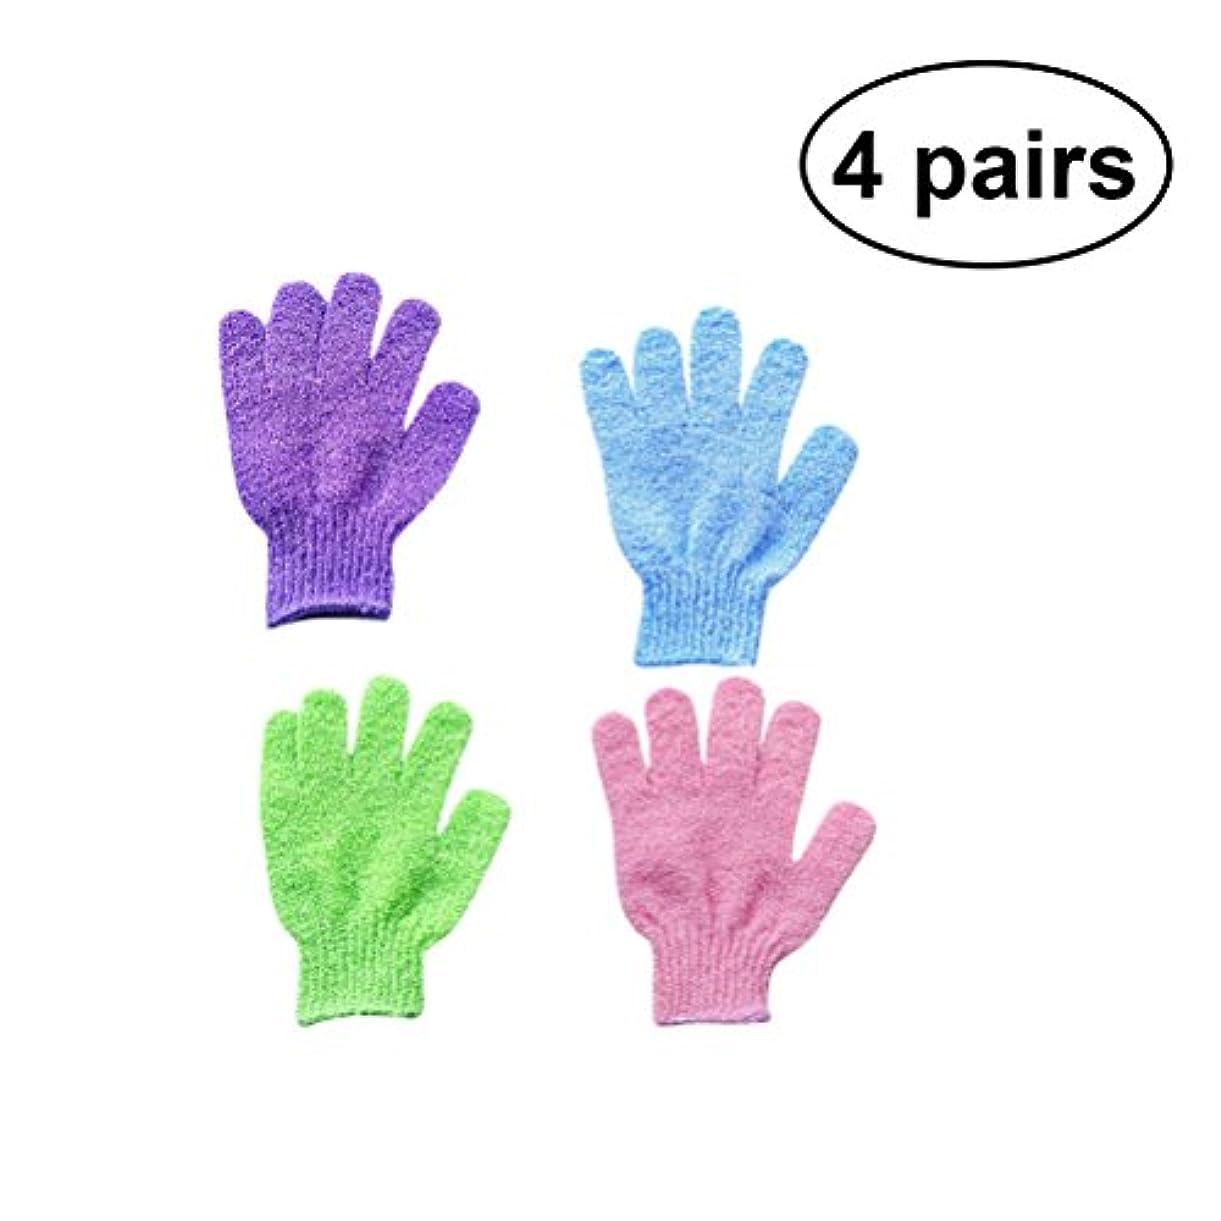 容赦ないブラシブレースHealifty 4 Pairs Exfoliating Bath Gloves Shower Mitts Exfoliating Body Spa Massage Dead Skin Cell Remover